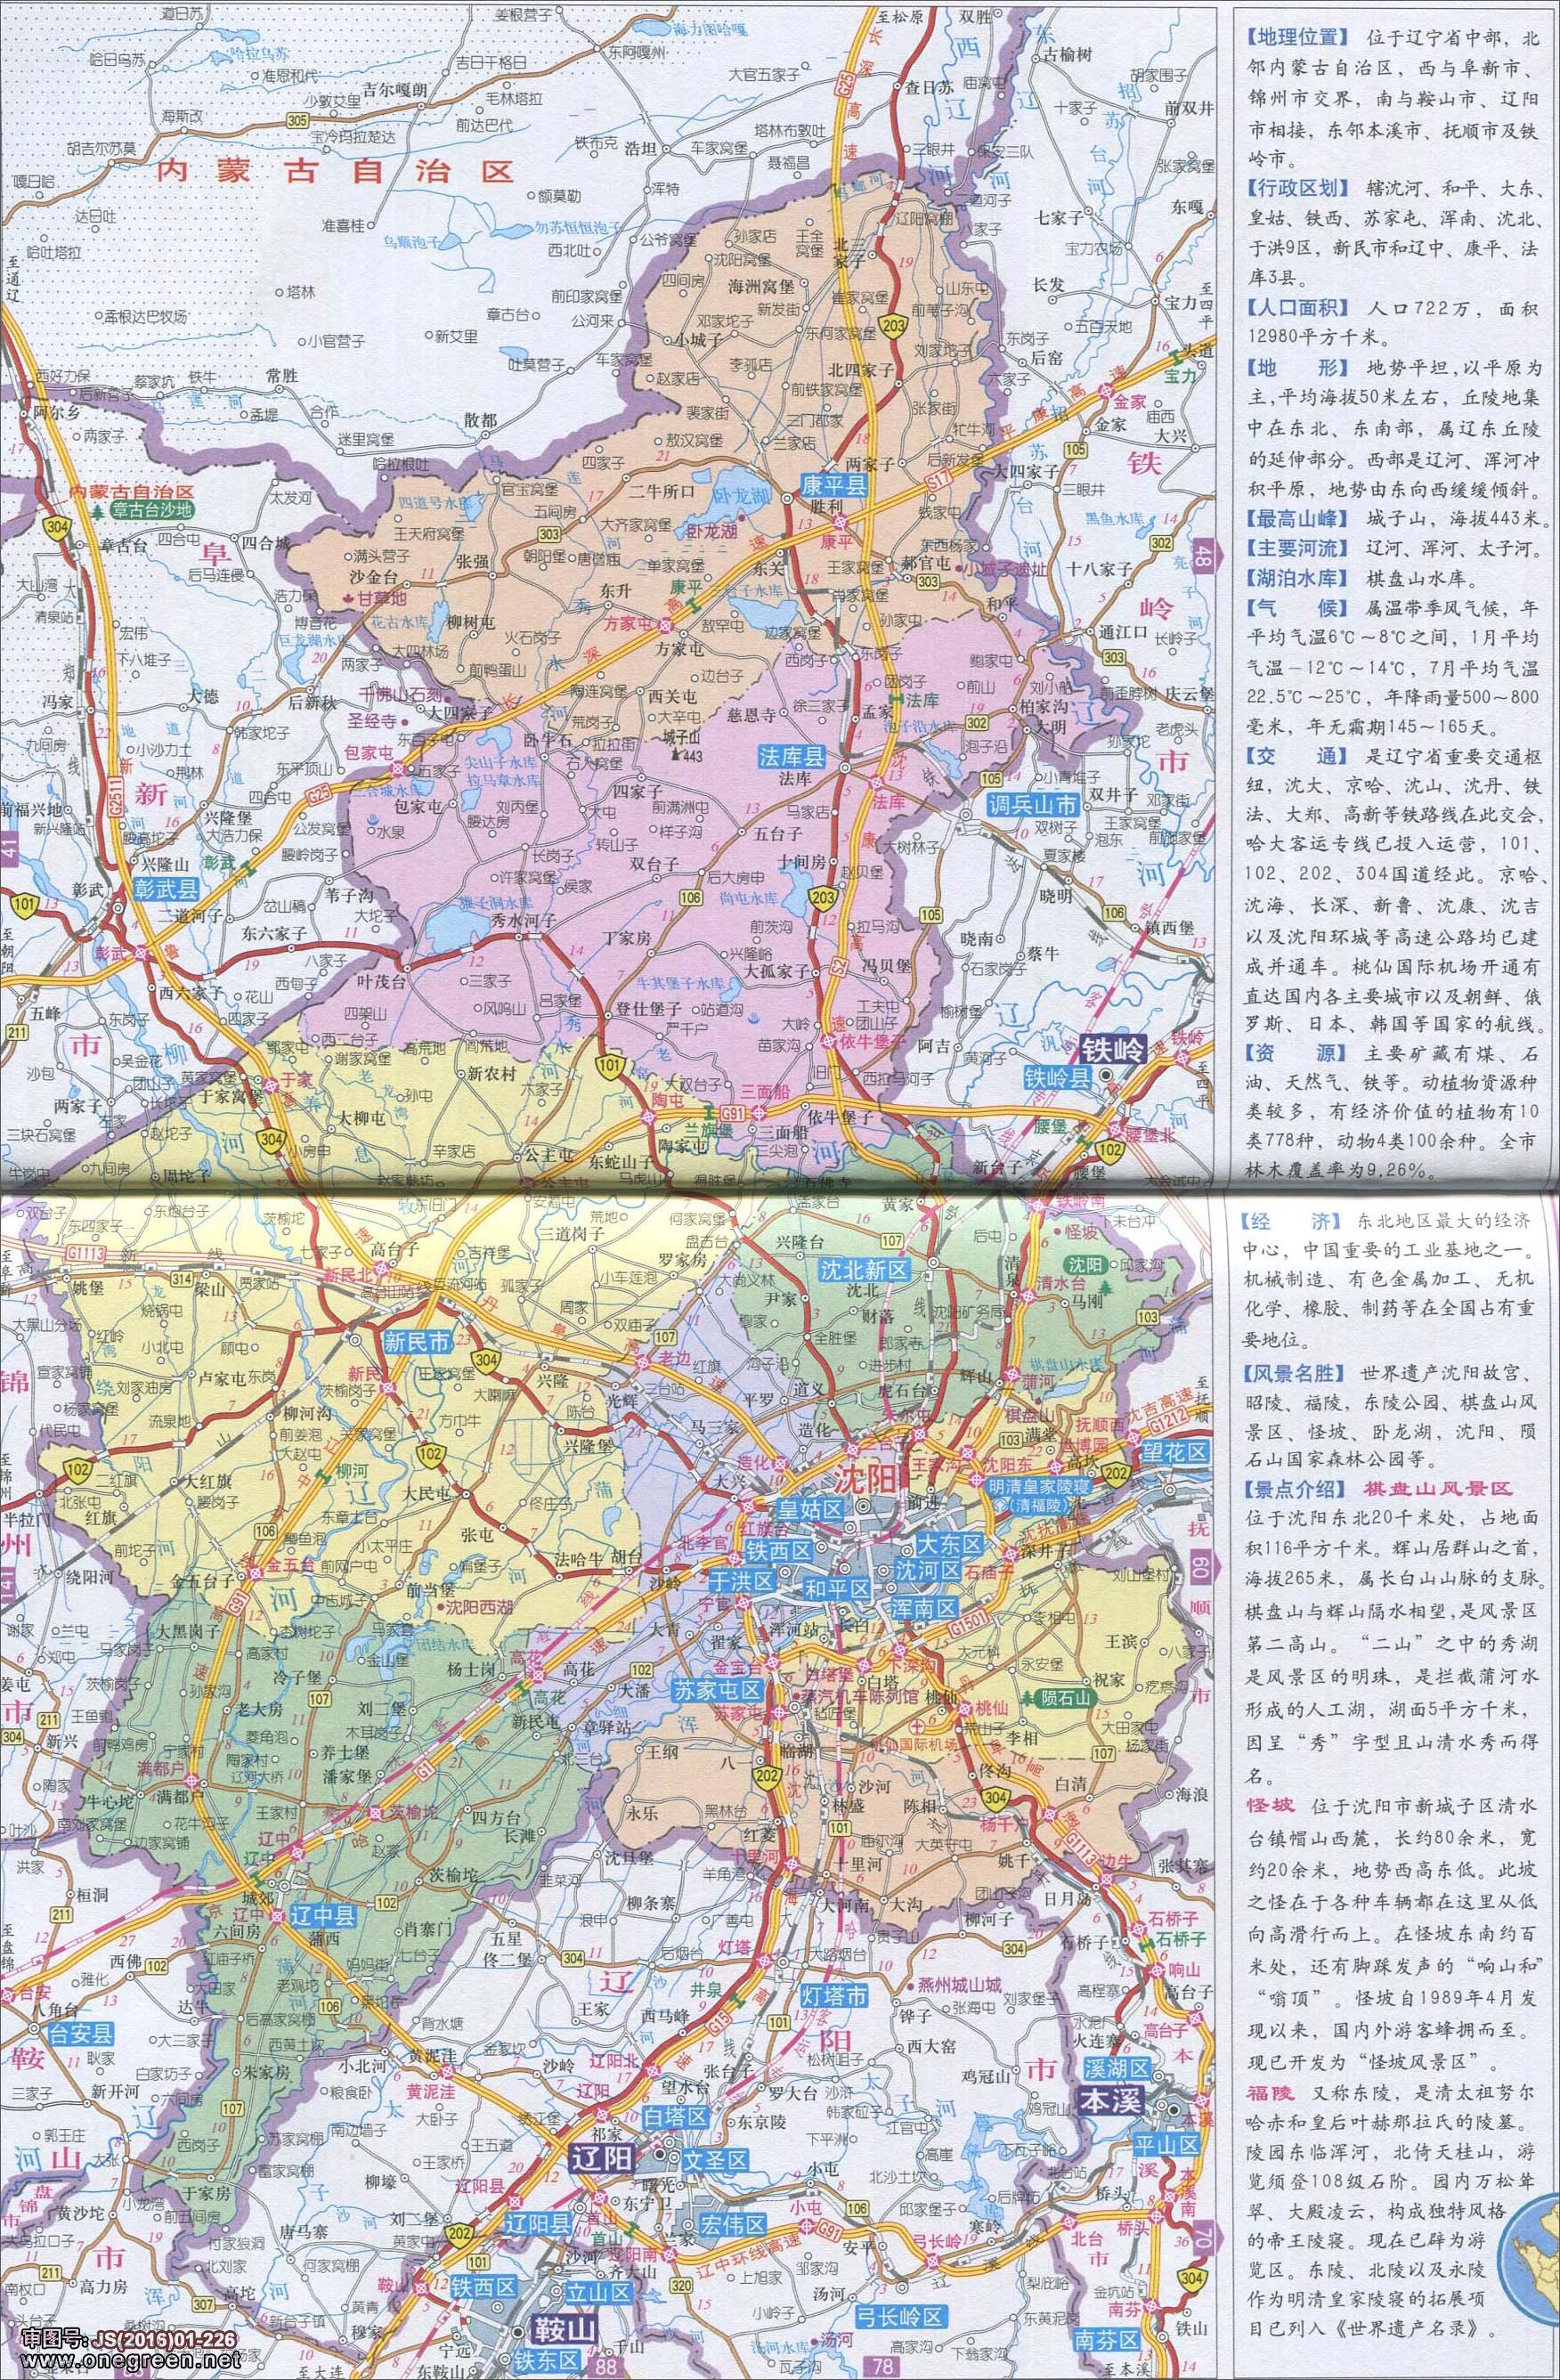 > 沈阳市区地图    地图查询 分享到: 行政地图 | 旅游地图 | 景点